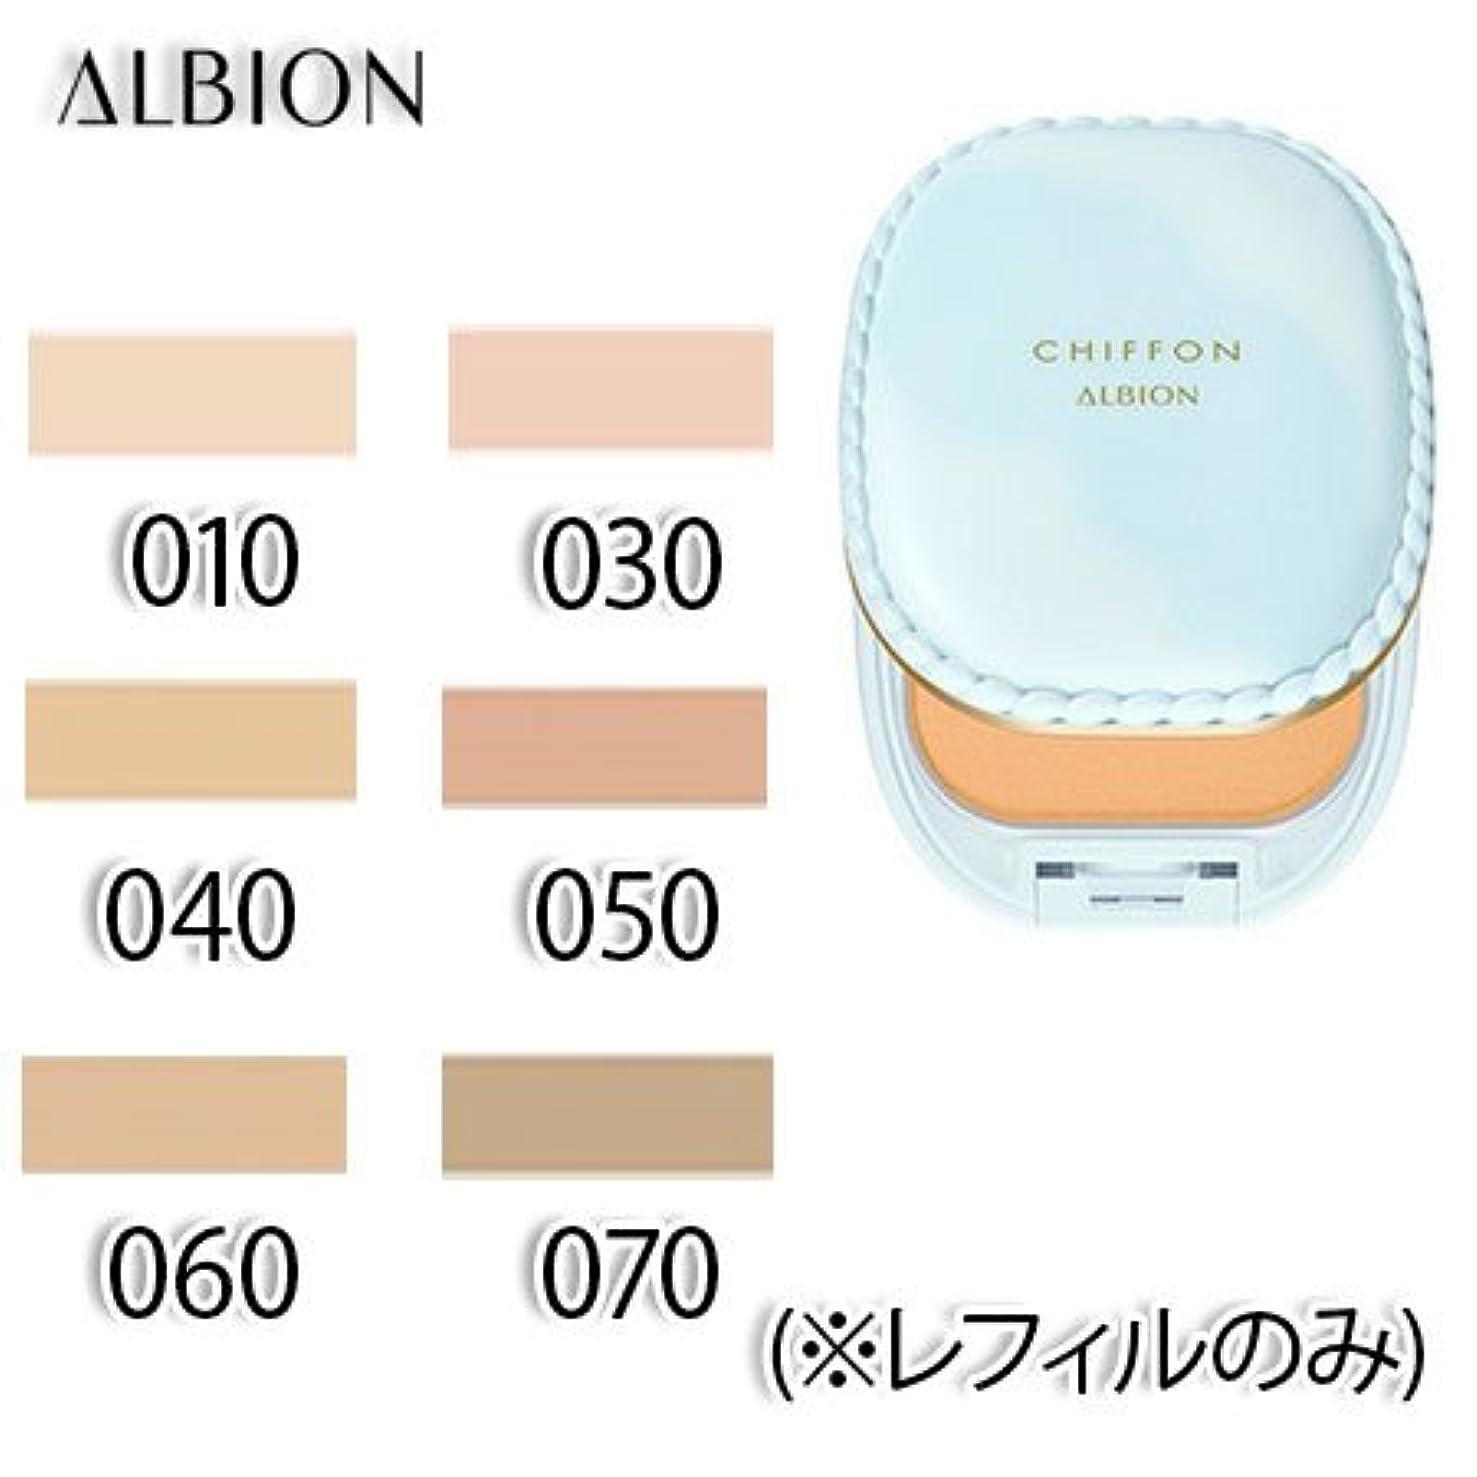 取り囲む愛麺アルビオン スノー ホワイト シフォン 全6色 SPF25?PA++ 10g (レフィルのみ) -ALBION- 030